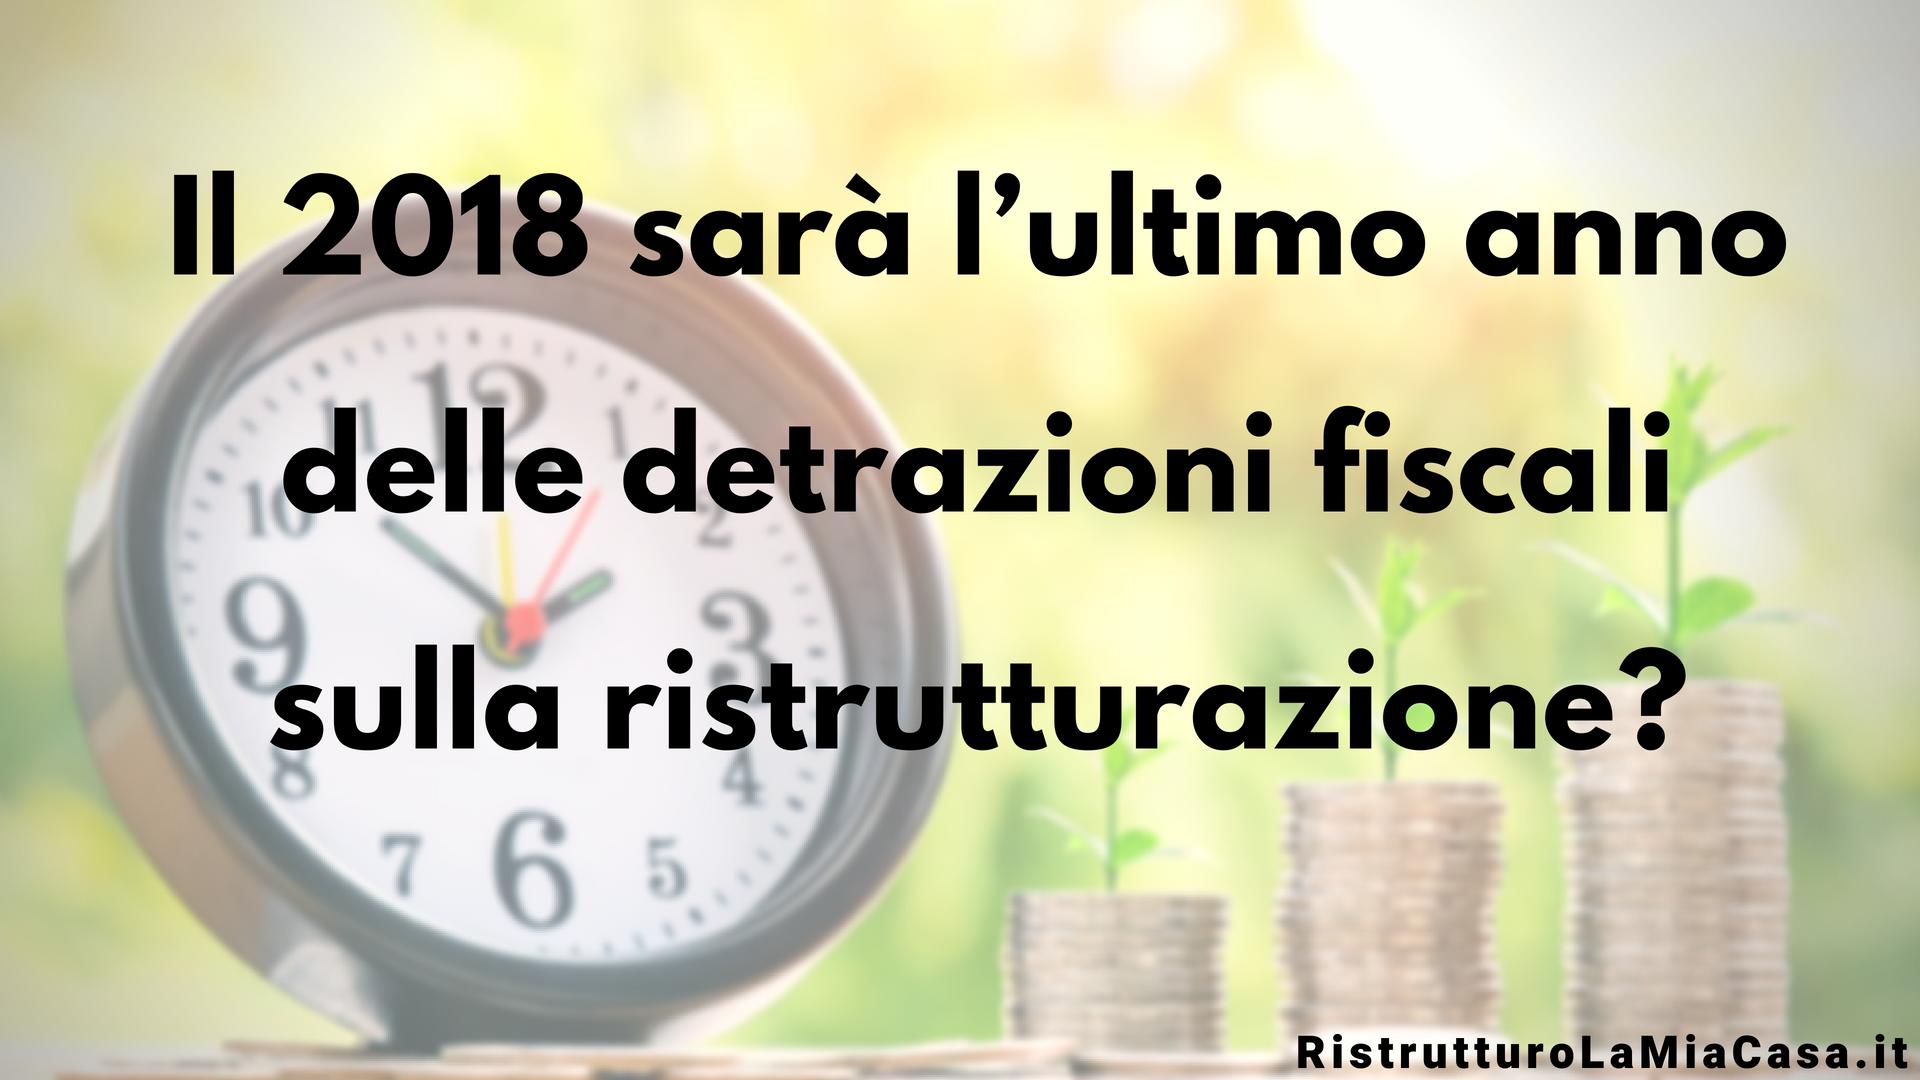 detrazioni fiscali ristrutturazione 2018 ultimo anno